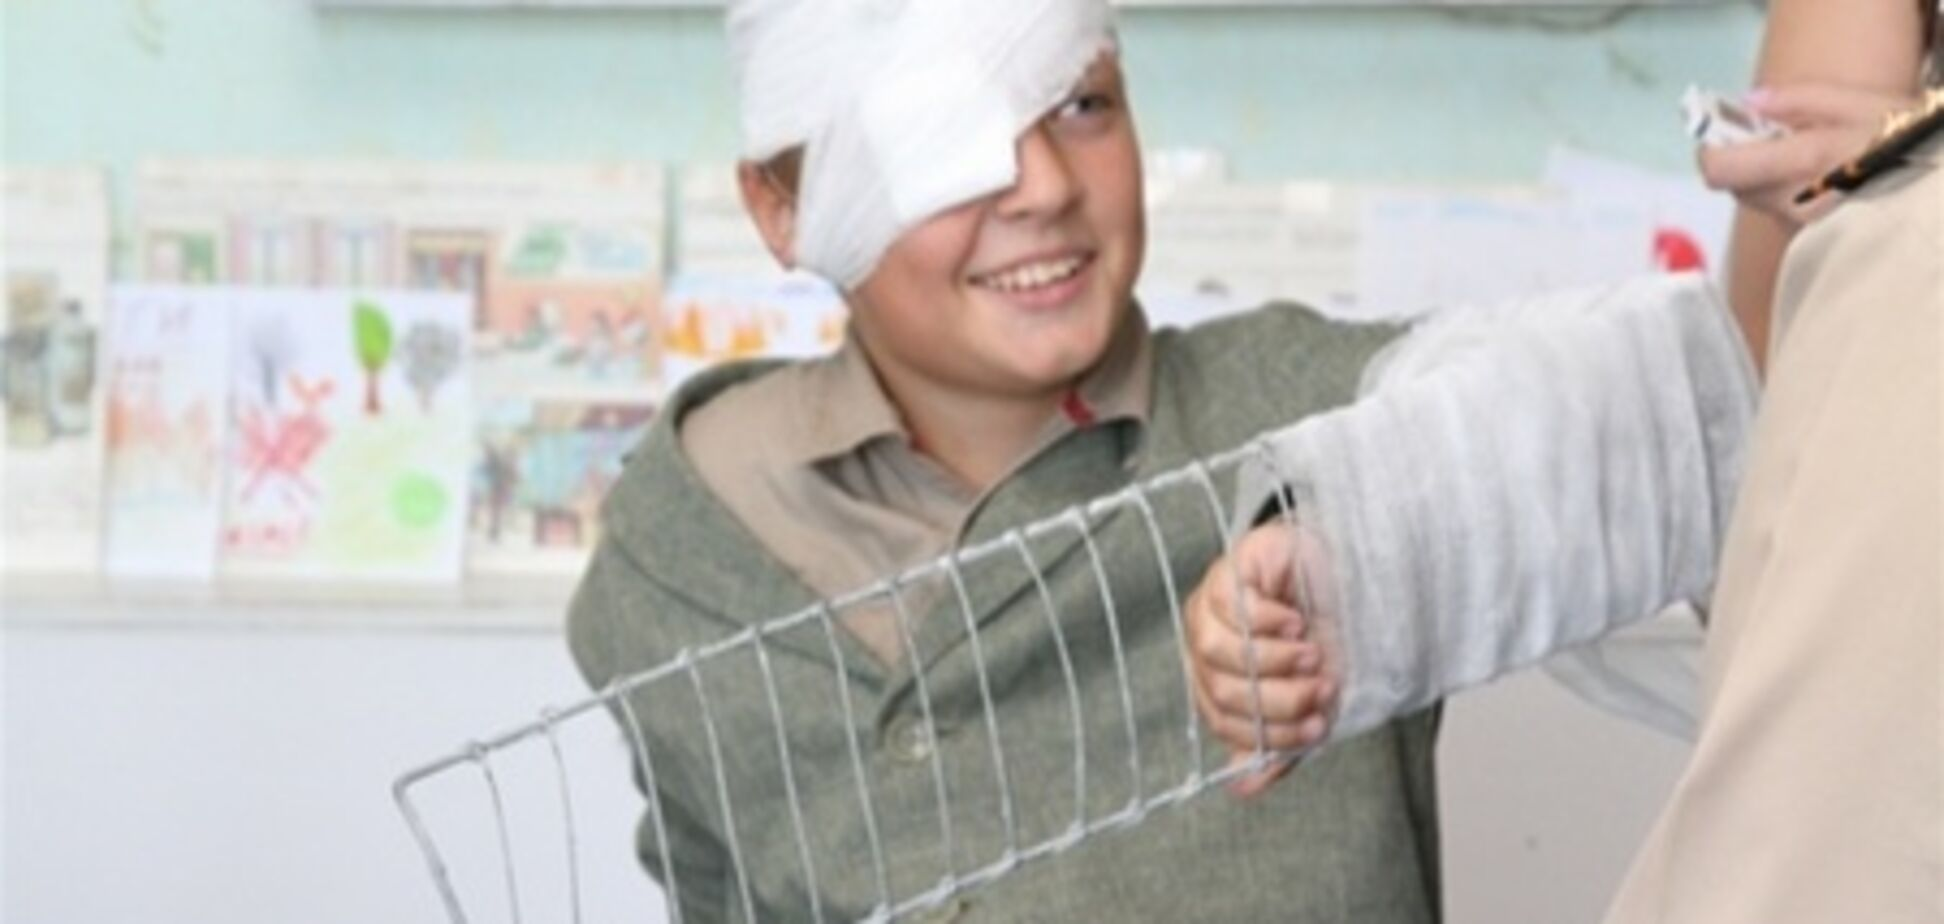 На Киевщине взорвалось неизвестное вещество: пострадали трое детей